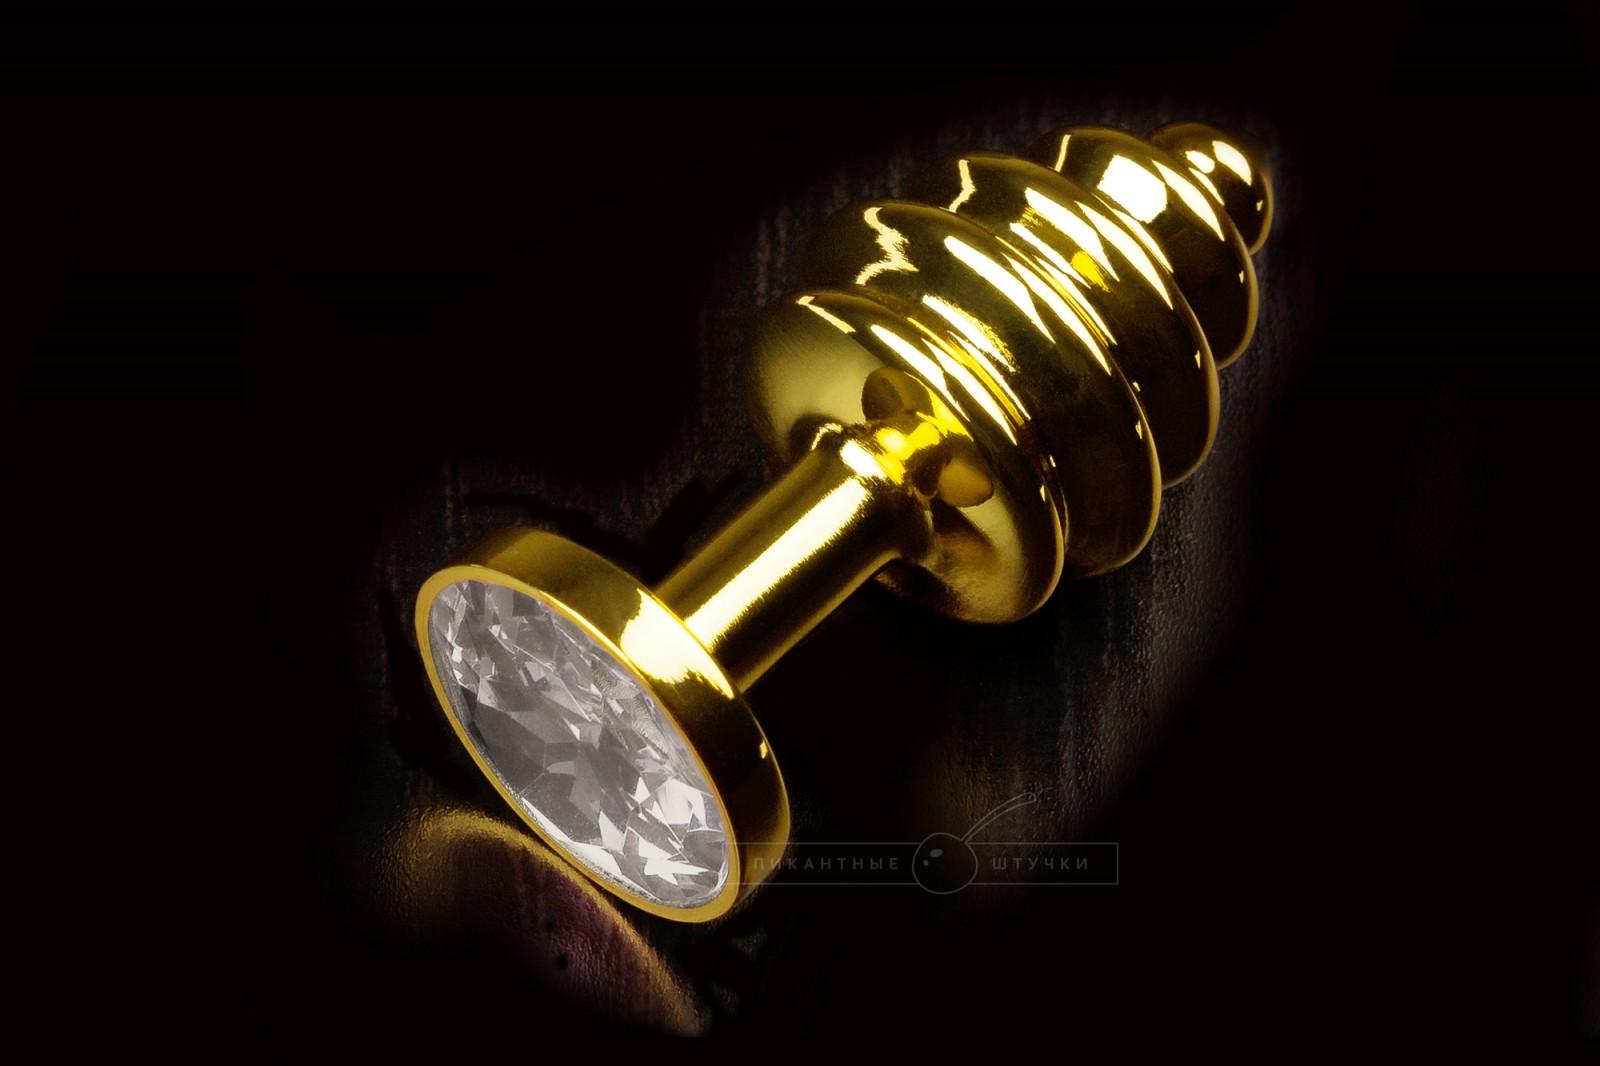 Маленькая витая анальная пробка золотистая с кристаллом, белым